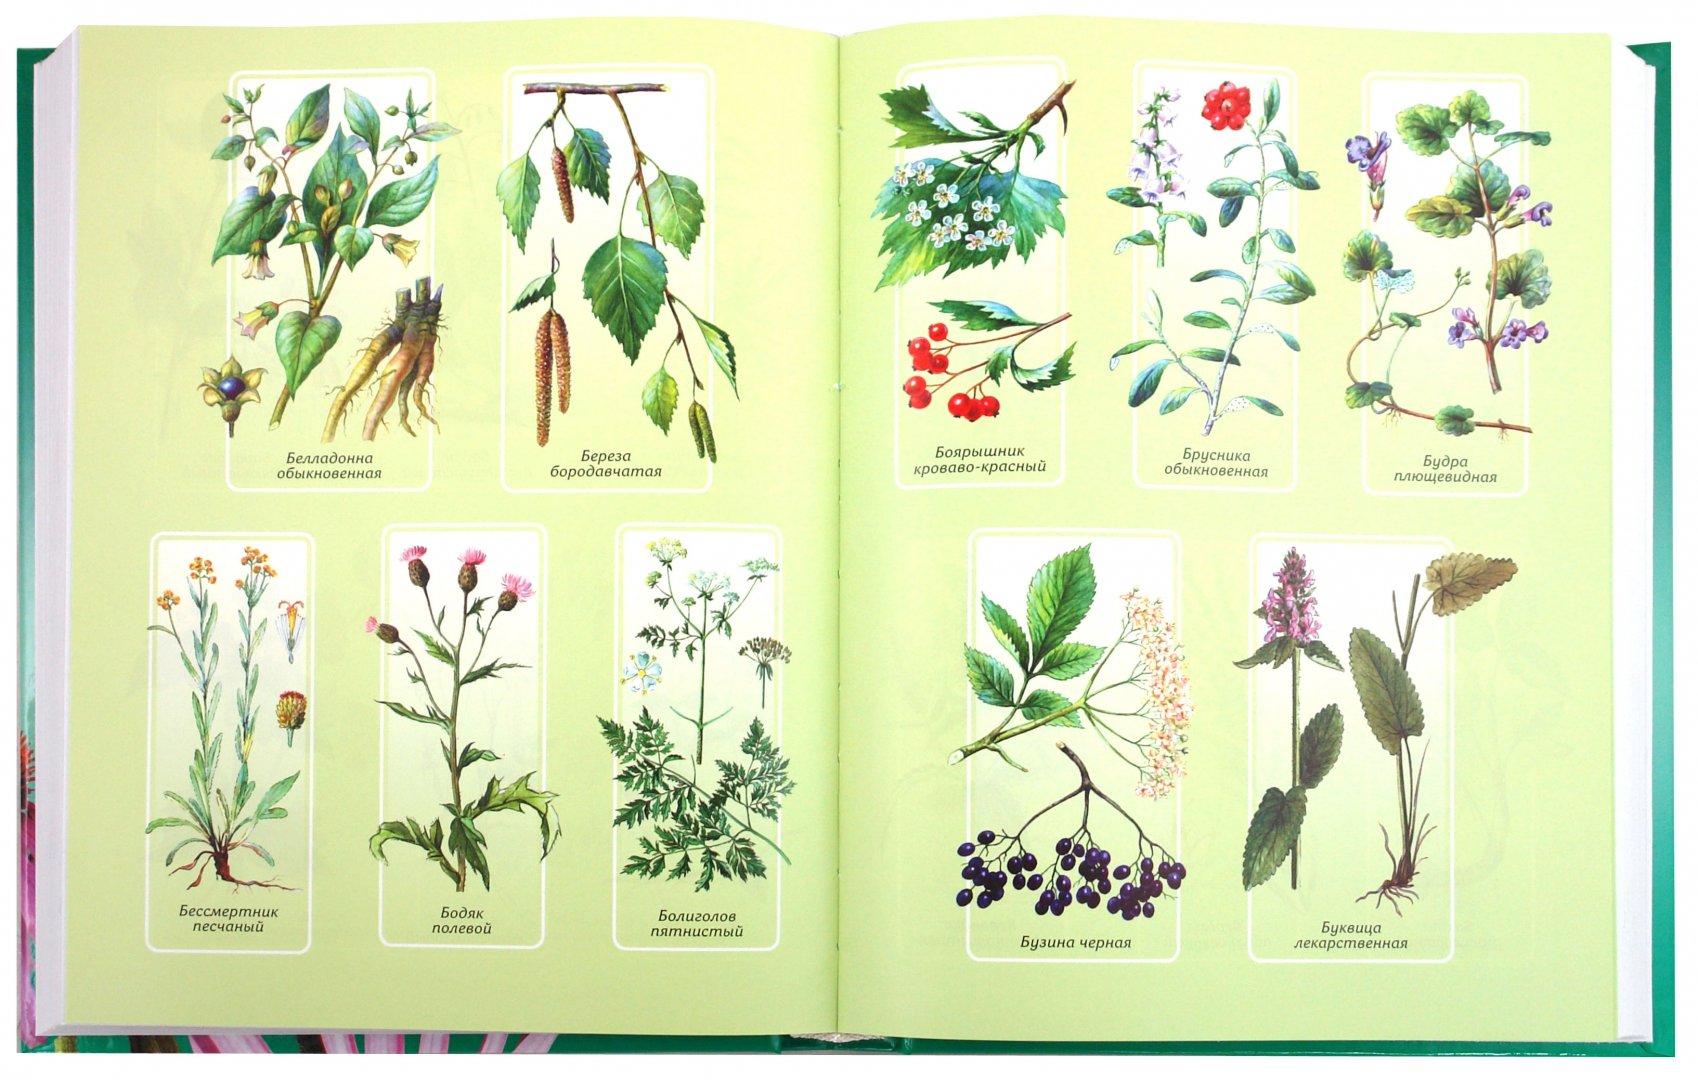 представляем справочник лечебных трав в картинках охотно